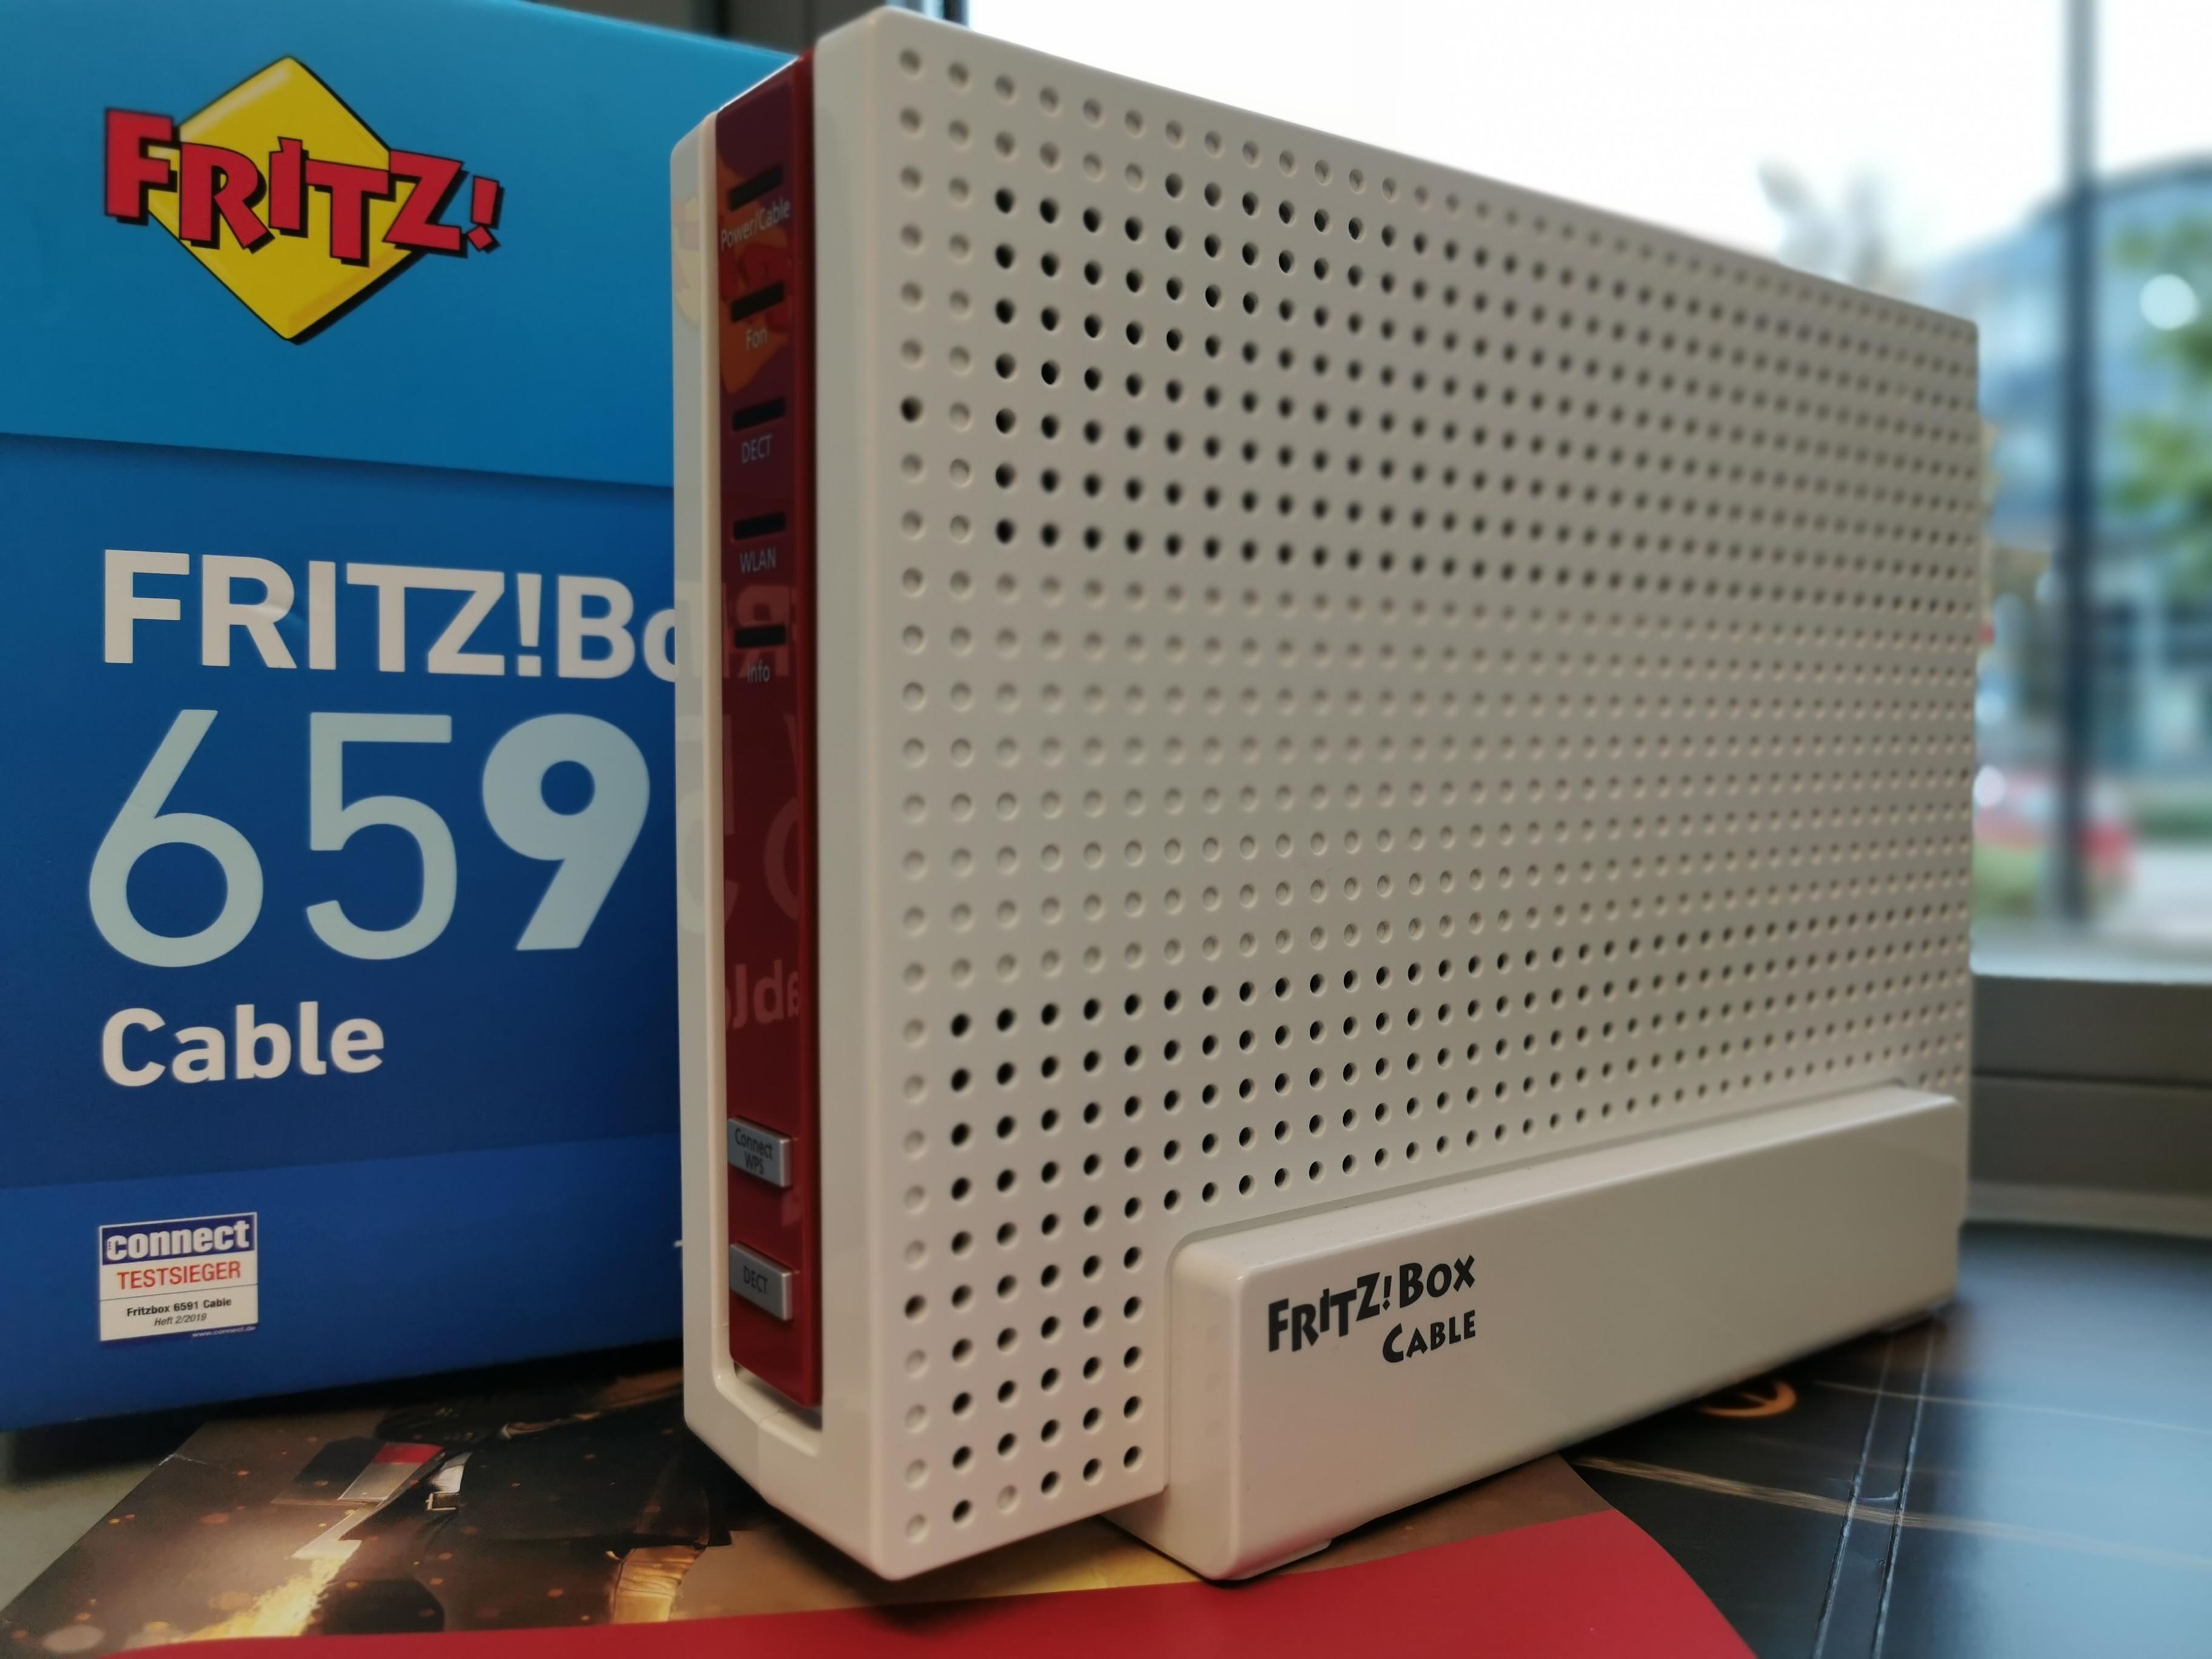 Endgeräte Router wittenberg net   wittenberg net GmbH